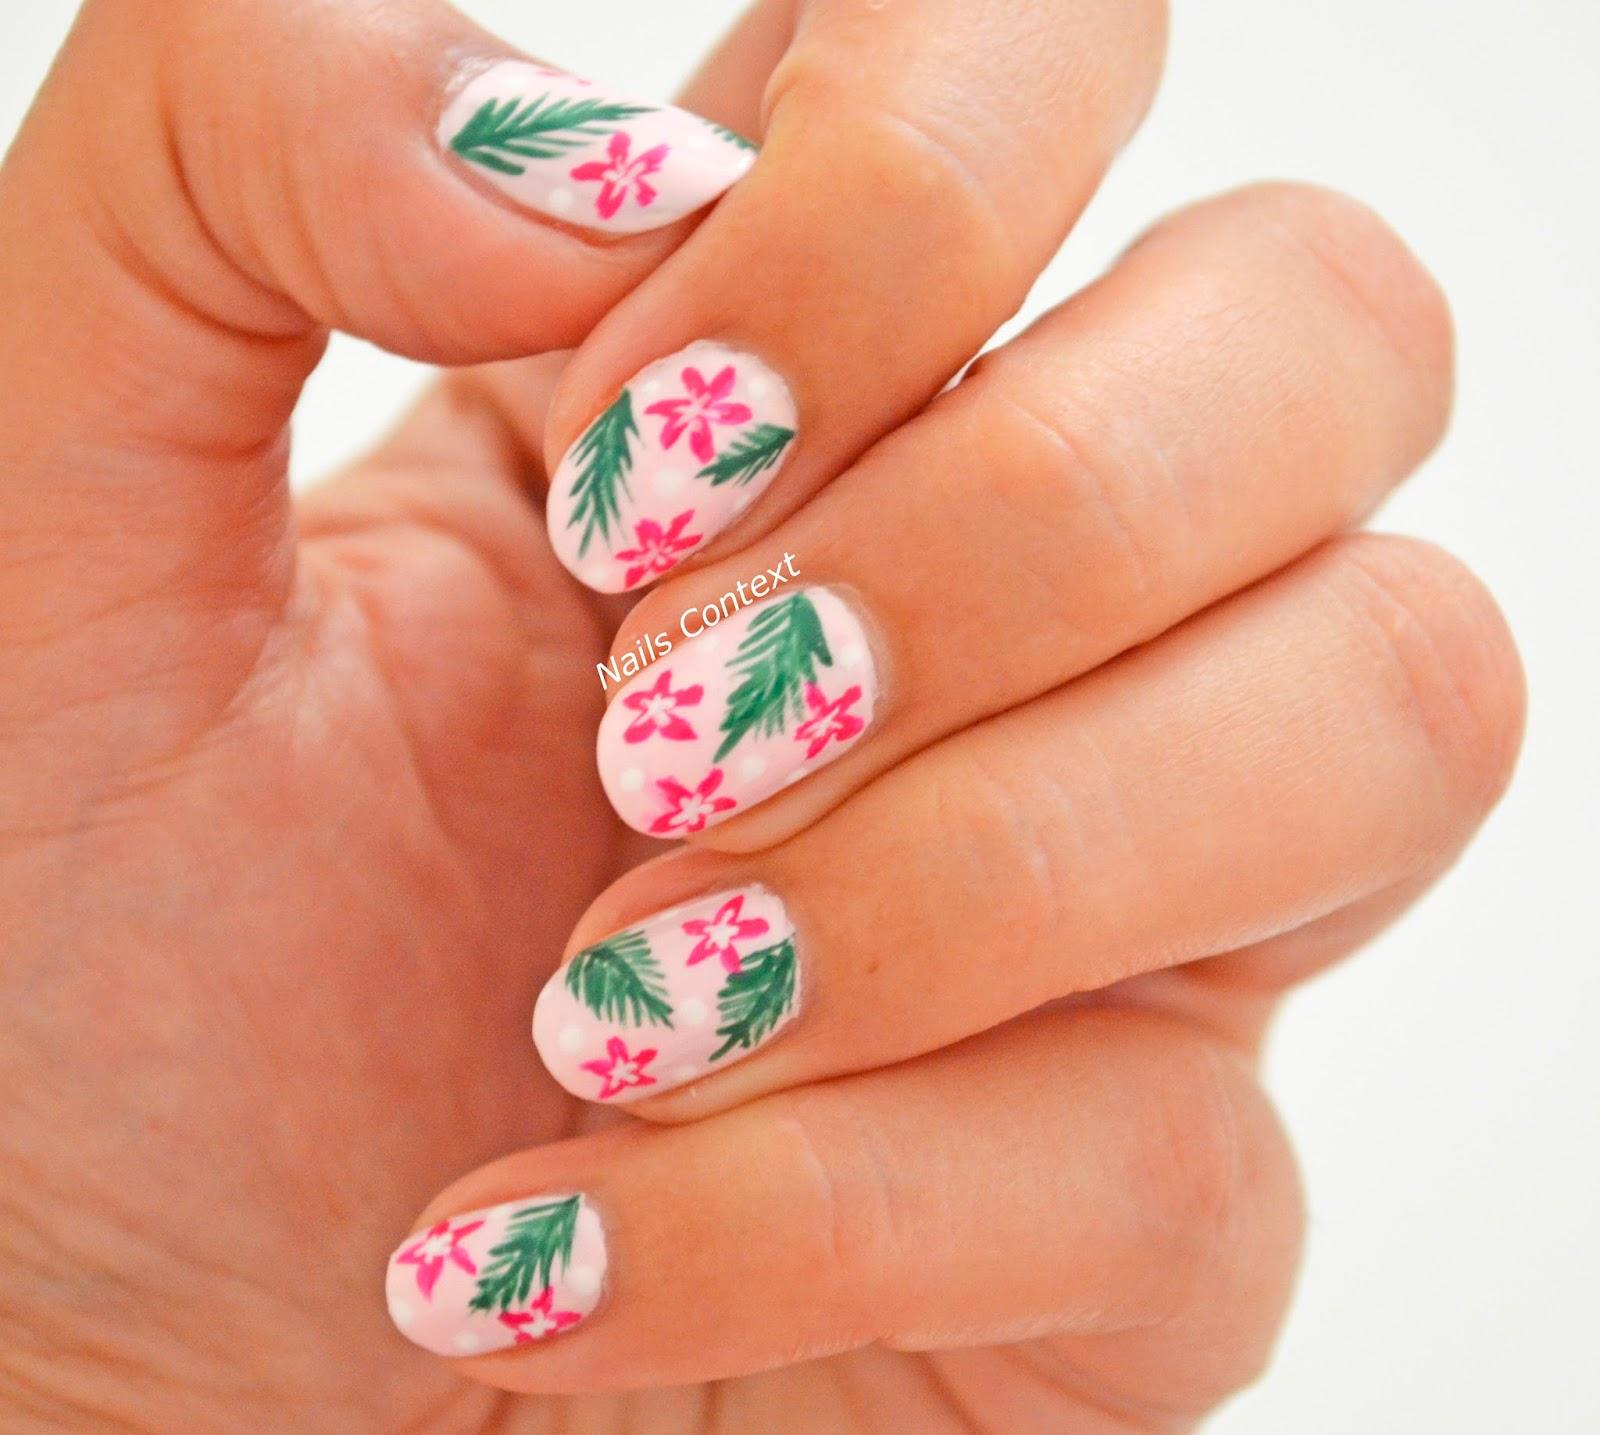 Nails Context: Tropical Nails